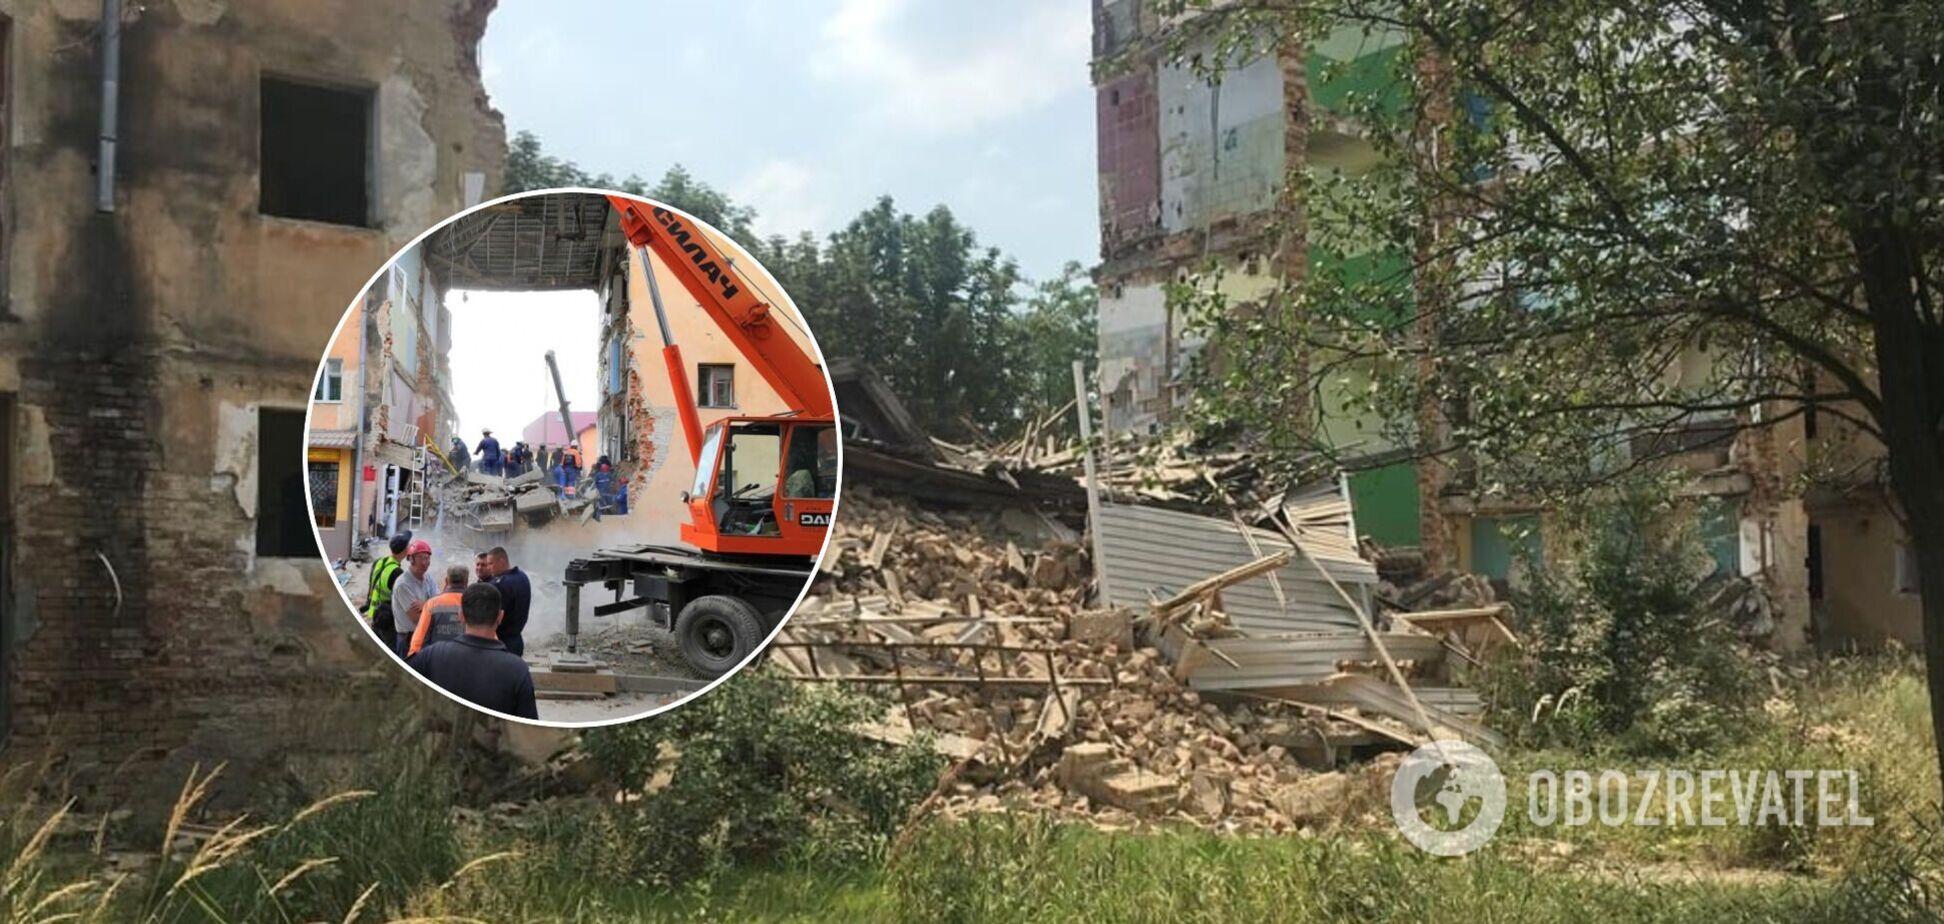 У Дрогобичі обвалився під'їзд будинку, в якому в 2019 році загинули люди. Фото